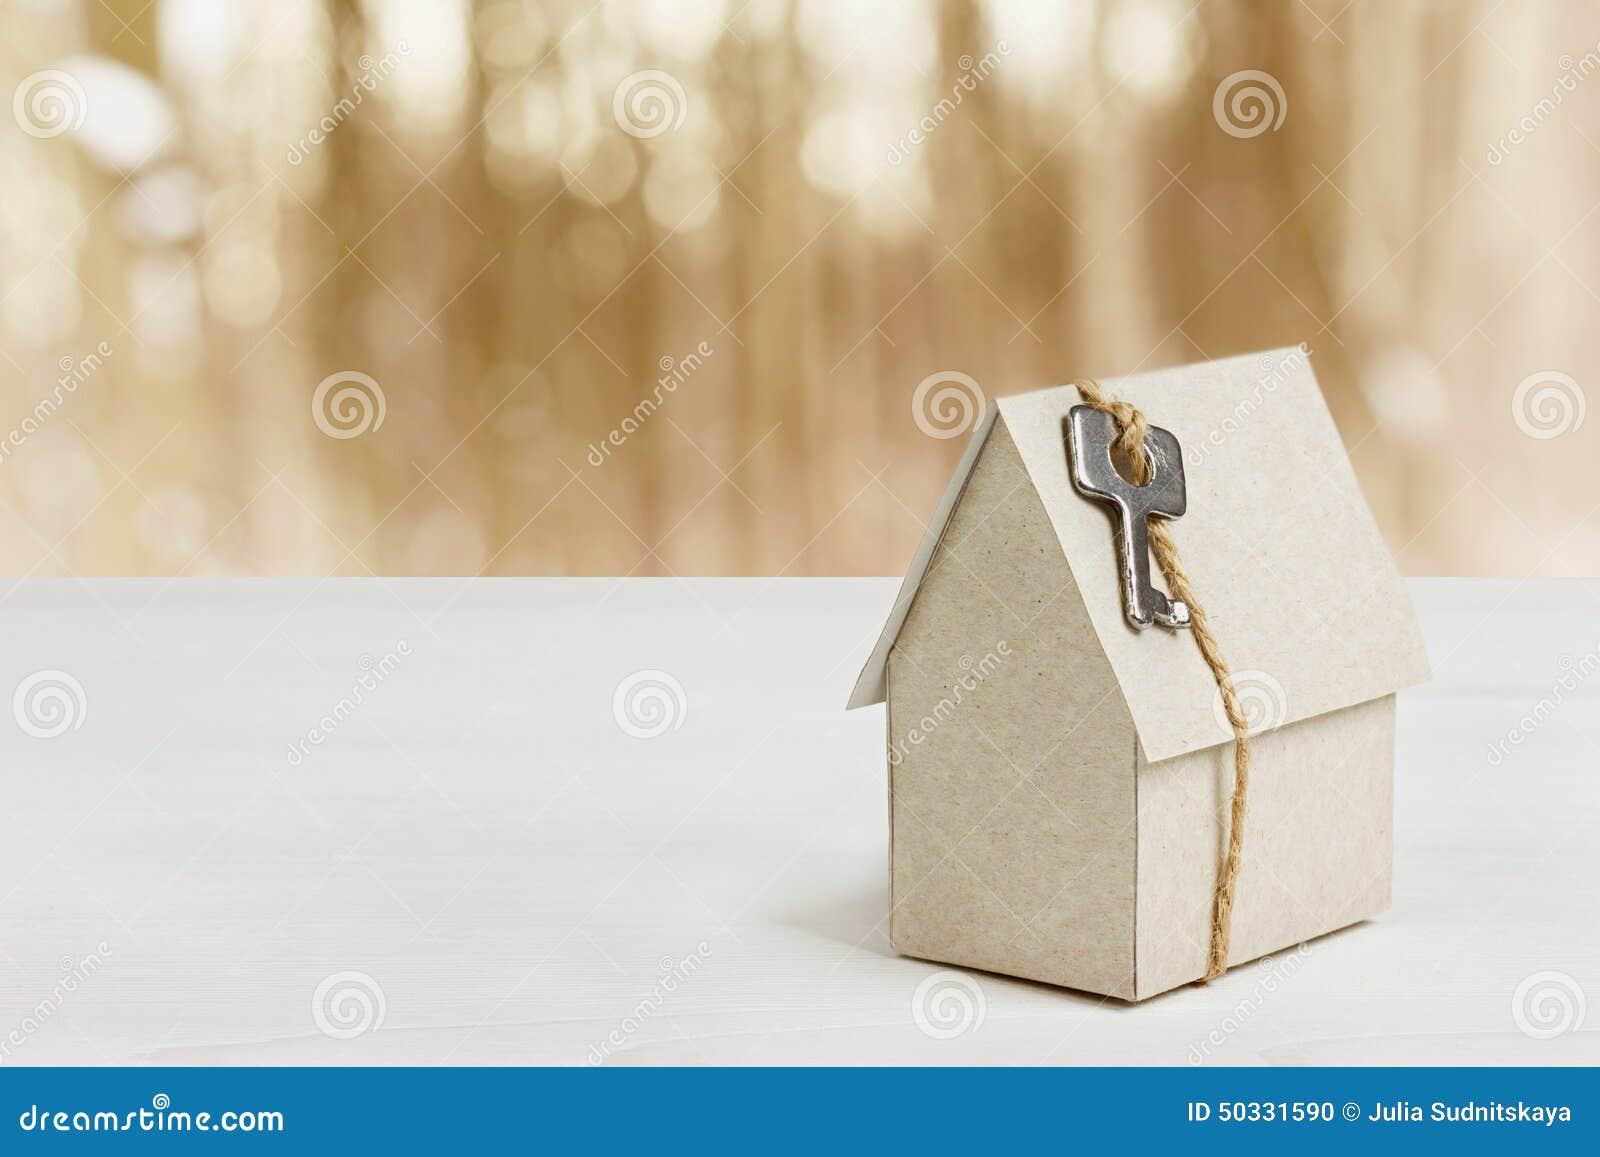 Modelo de la casa de la cartulina con llave contra fondo del bokeh construcción de viviendas, préstamo, propiedades inmobiliarias